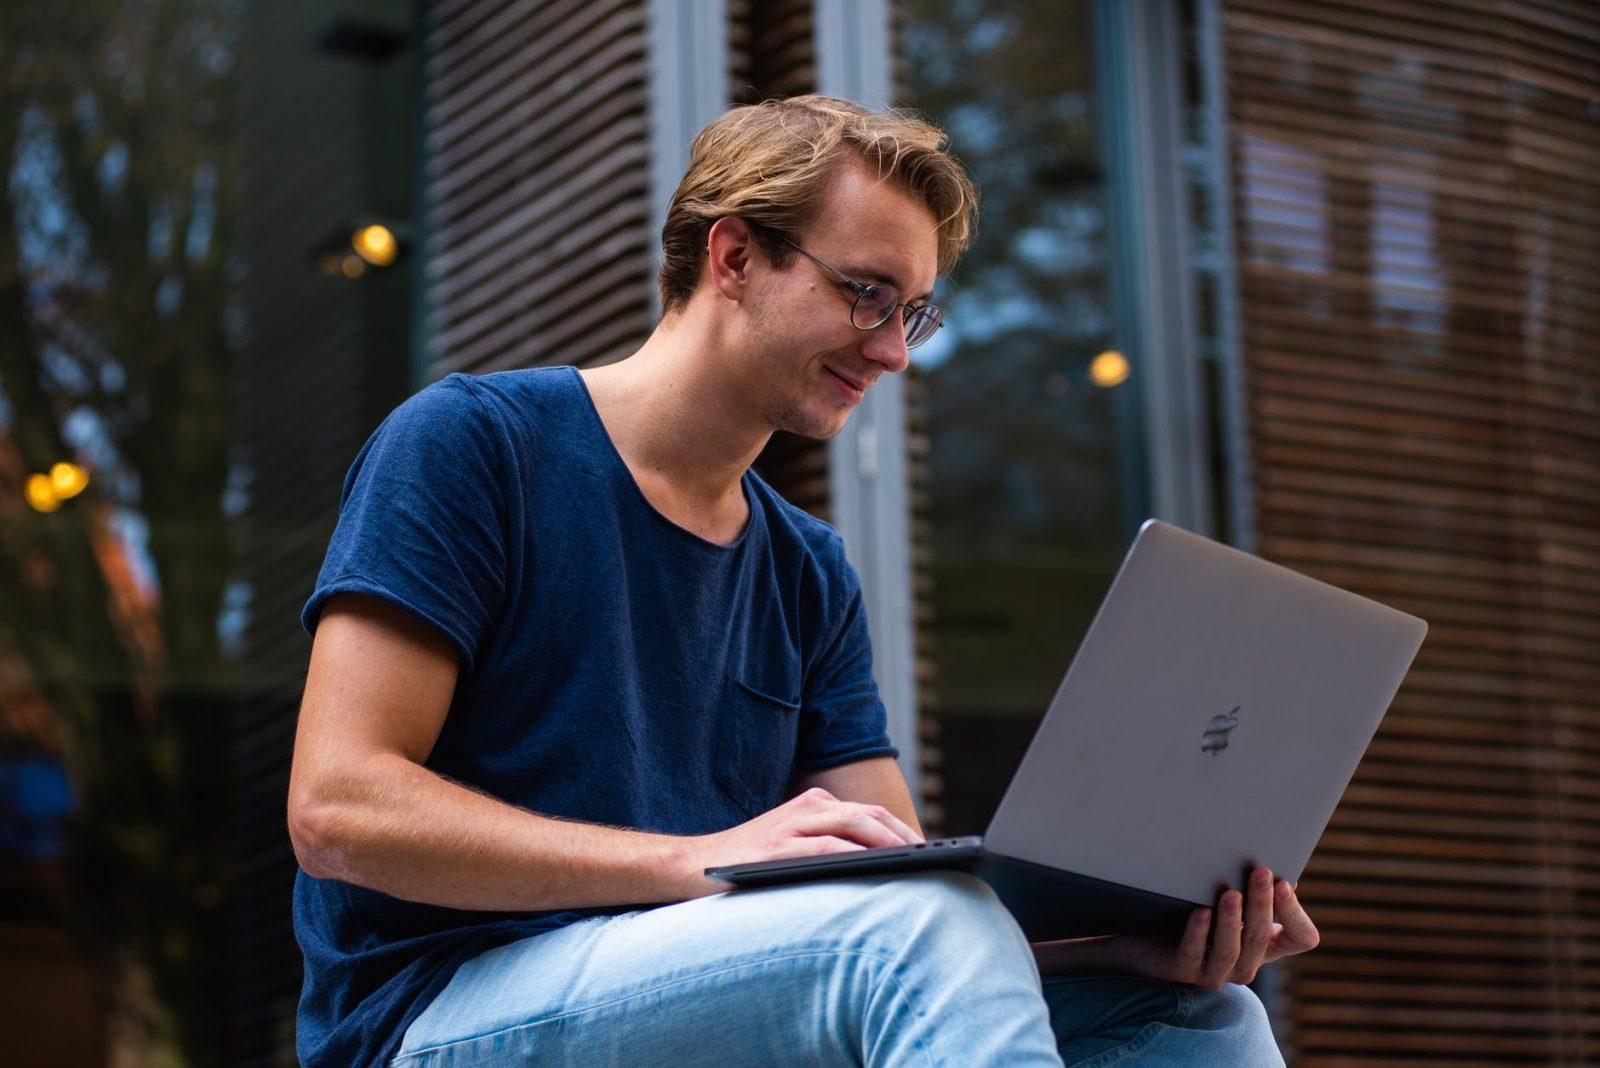 סטודנטים? 7 טיפים להפוך ליזם מצליח בתקופת הלימודים